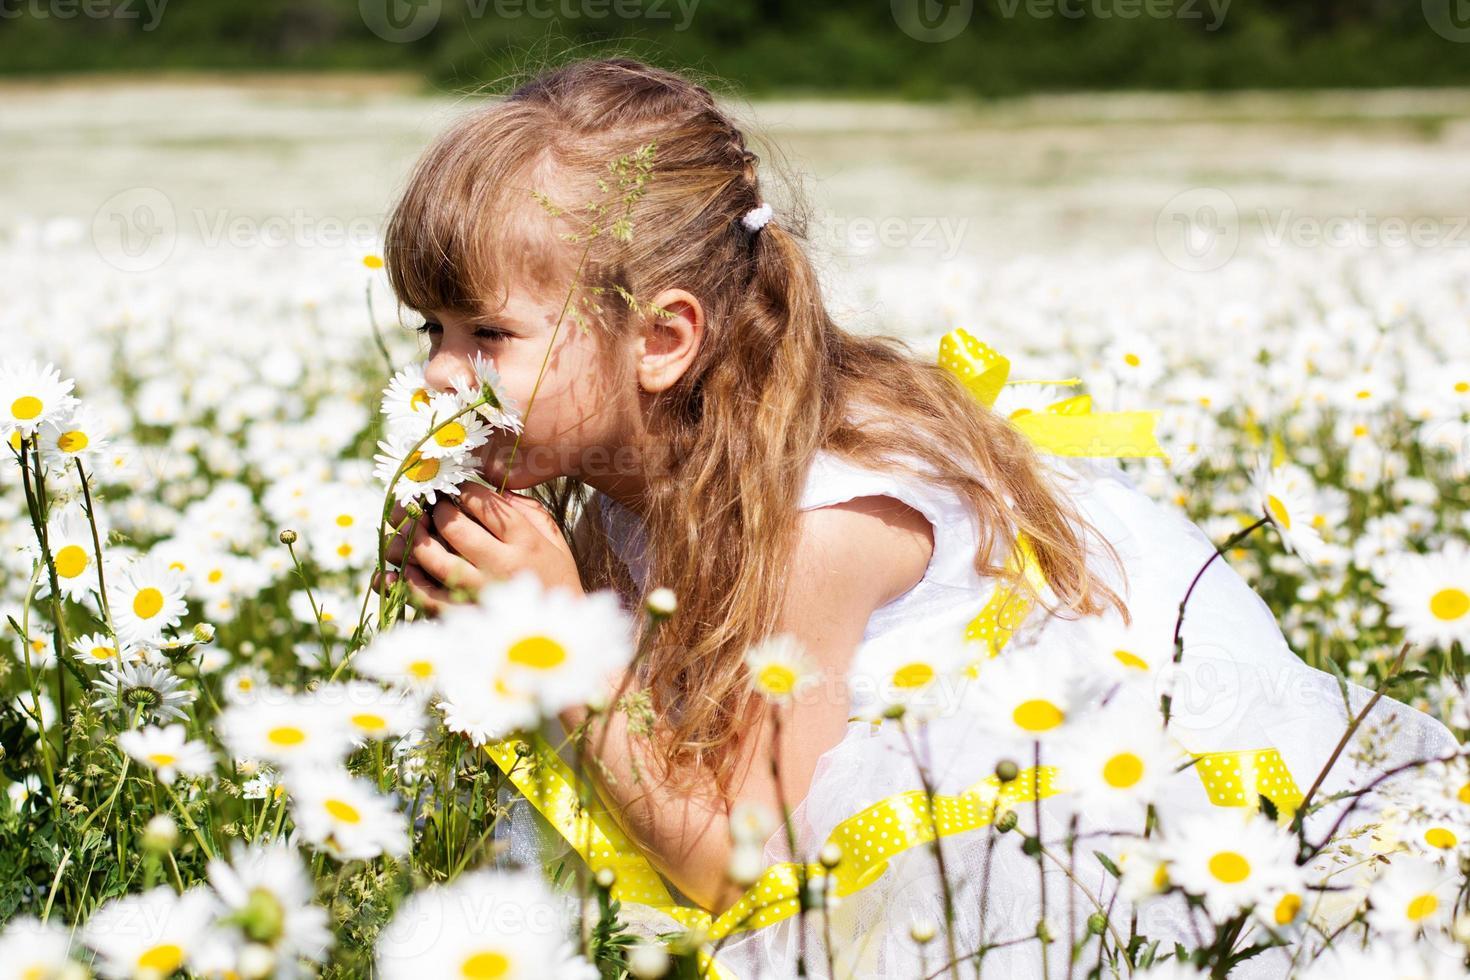 jolie enfant fille au champ de camomille photo